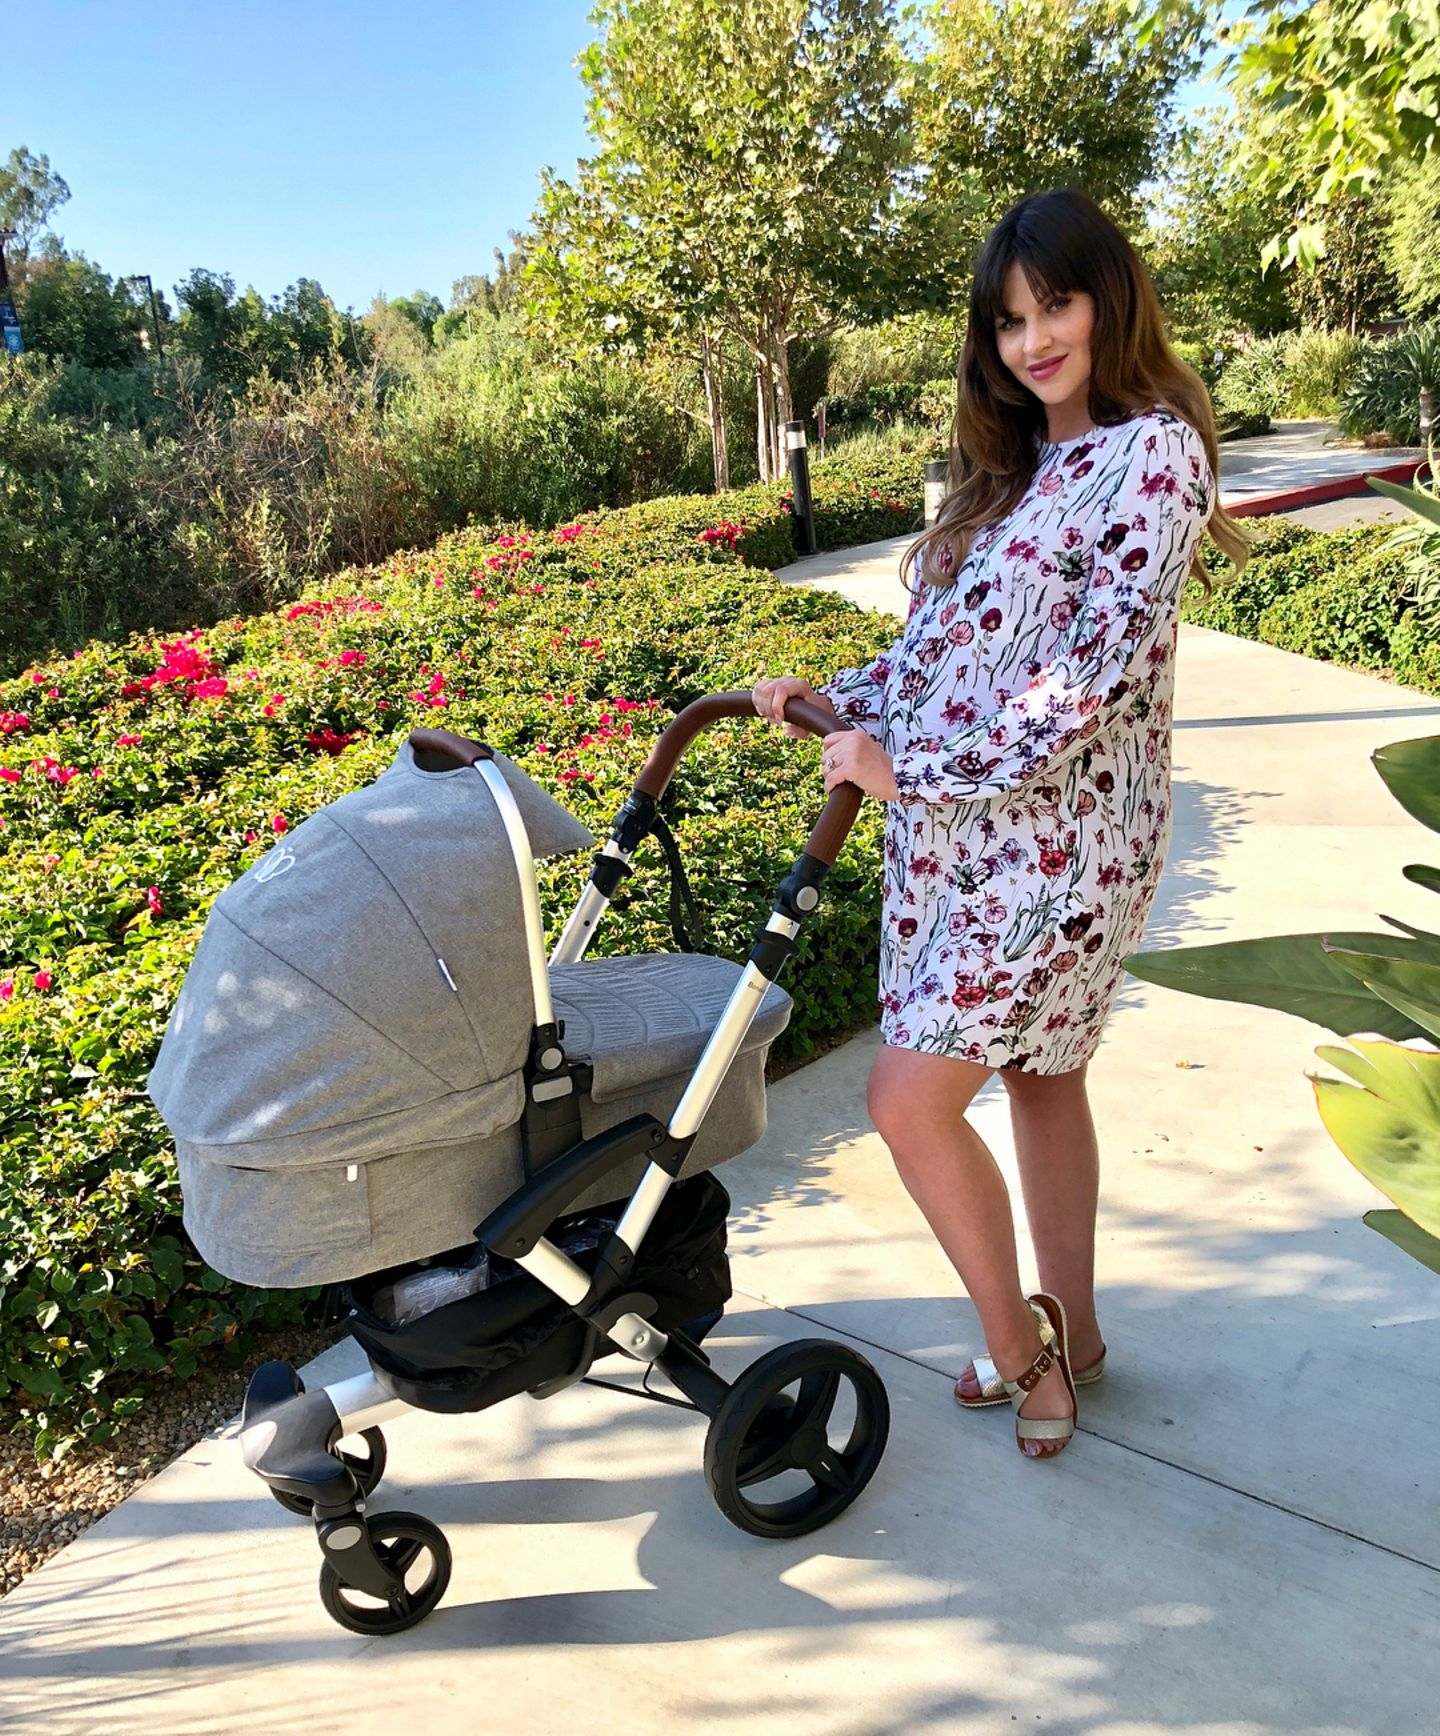 Hochschwanger und mit luftigen Sommerkleid posiert Hana Nitsche im August 2018 mit ihrem zukünftigen Kinderwagen. Jetzt, ein Jahr und zwei Monate später ....